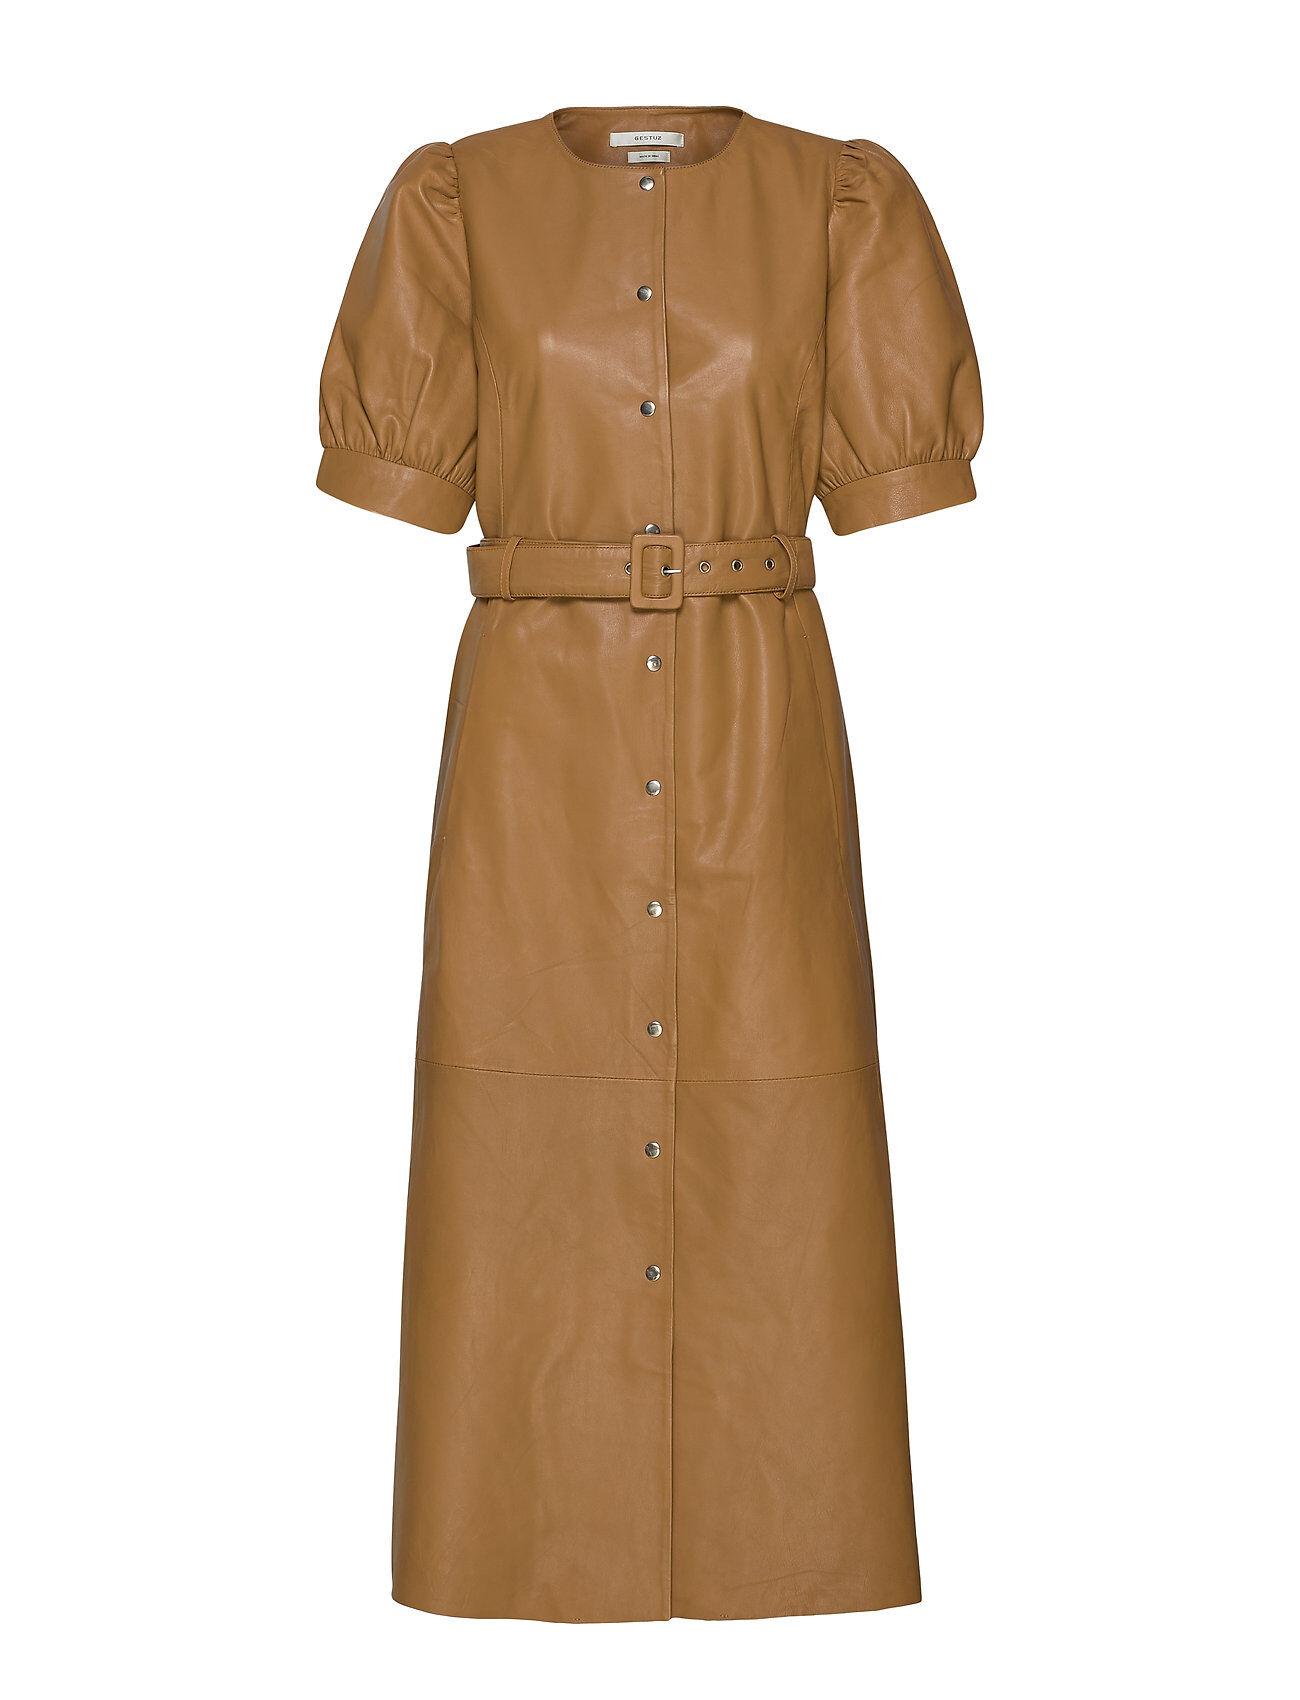 Gestuz Surigz Dress Polvipituinen Mekko Ruskea Gestuz